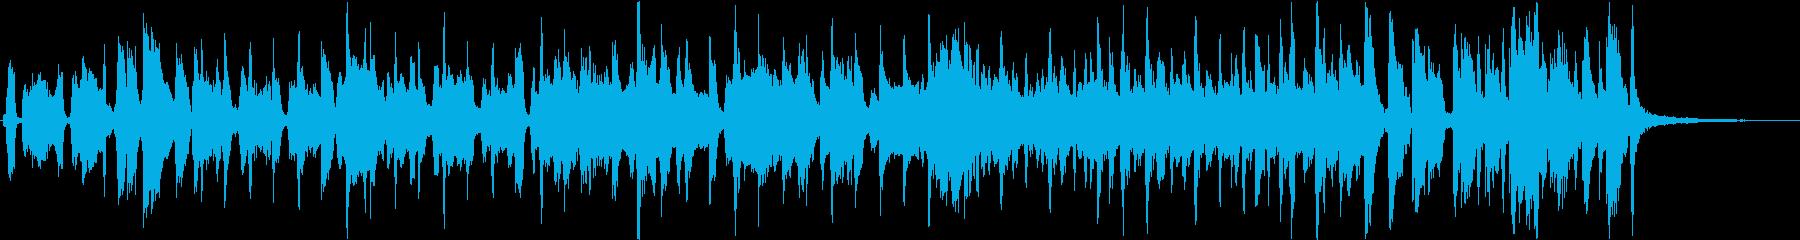 やきとりをテーマにした楽曲の再生済みの波形